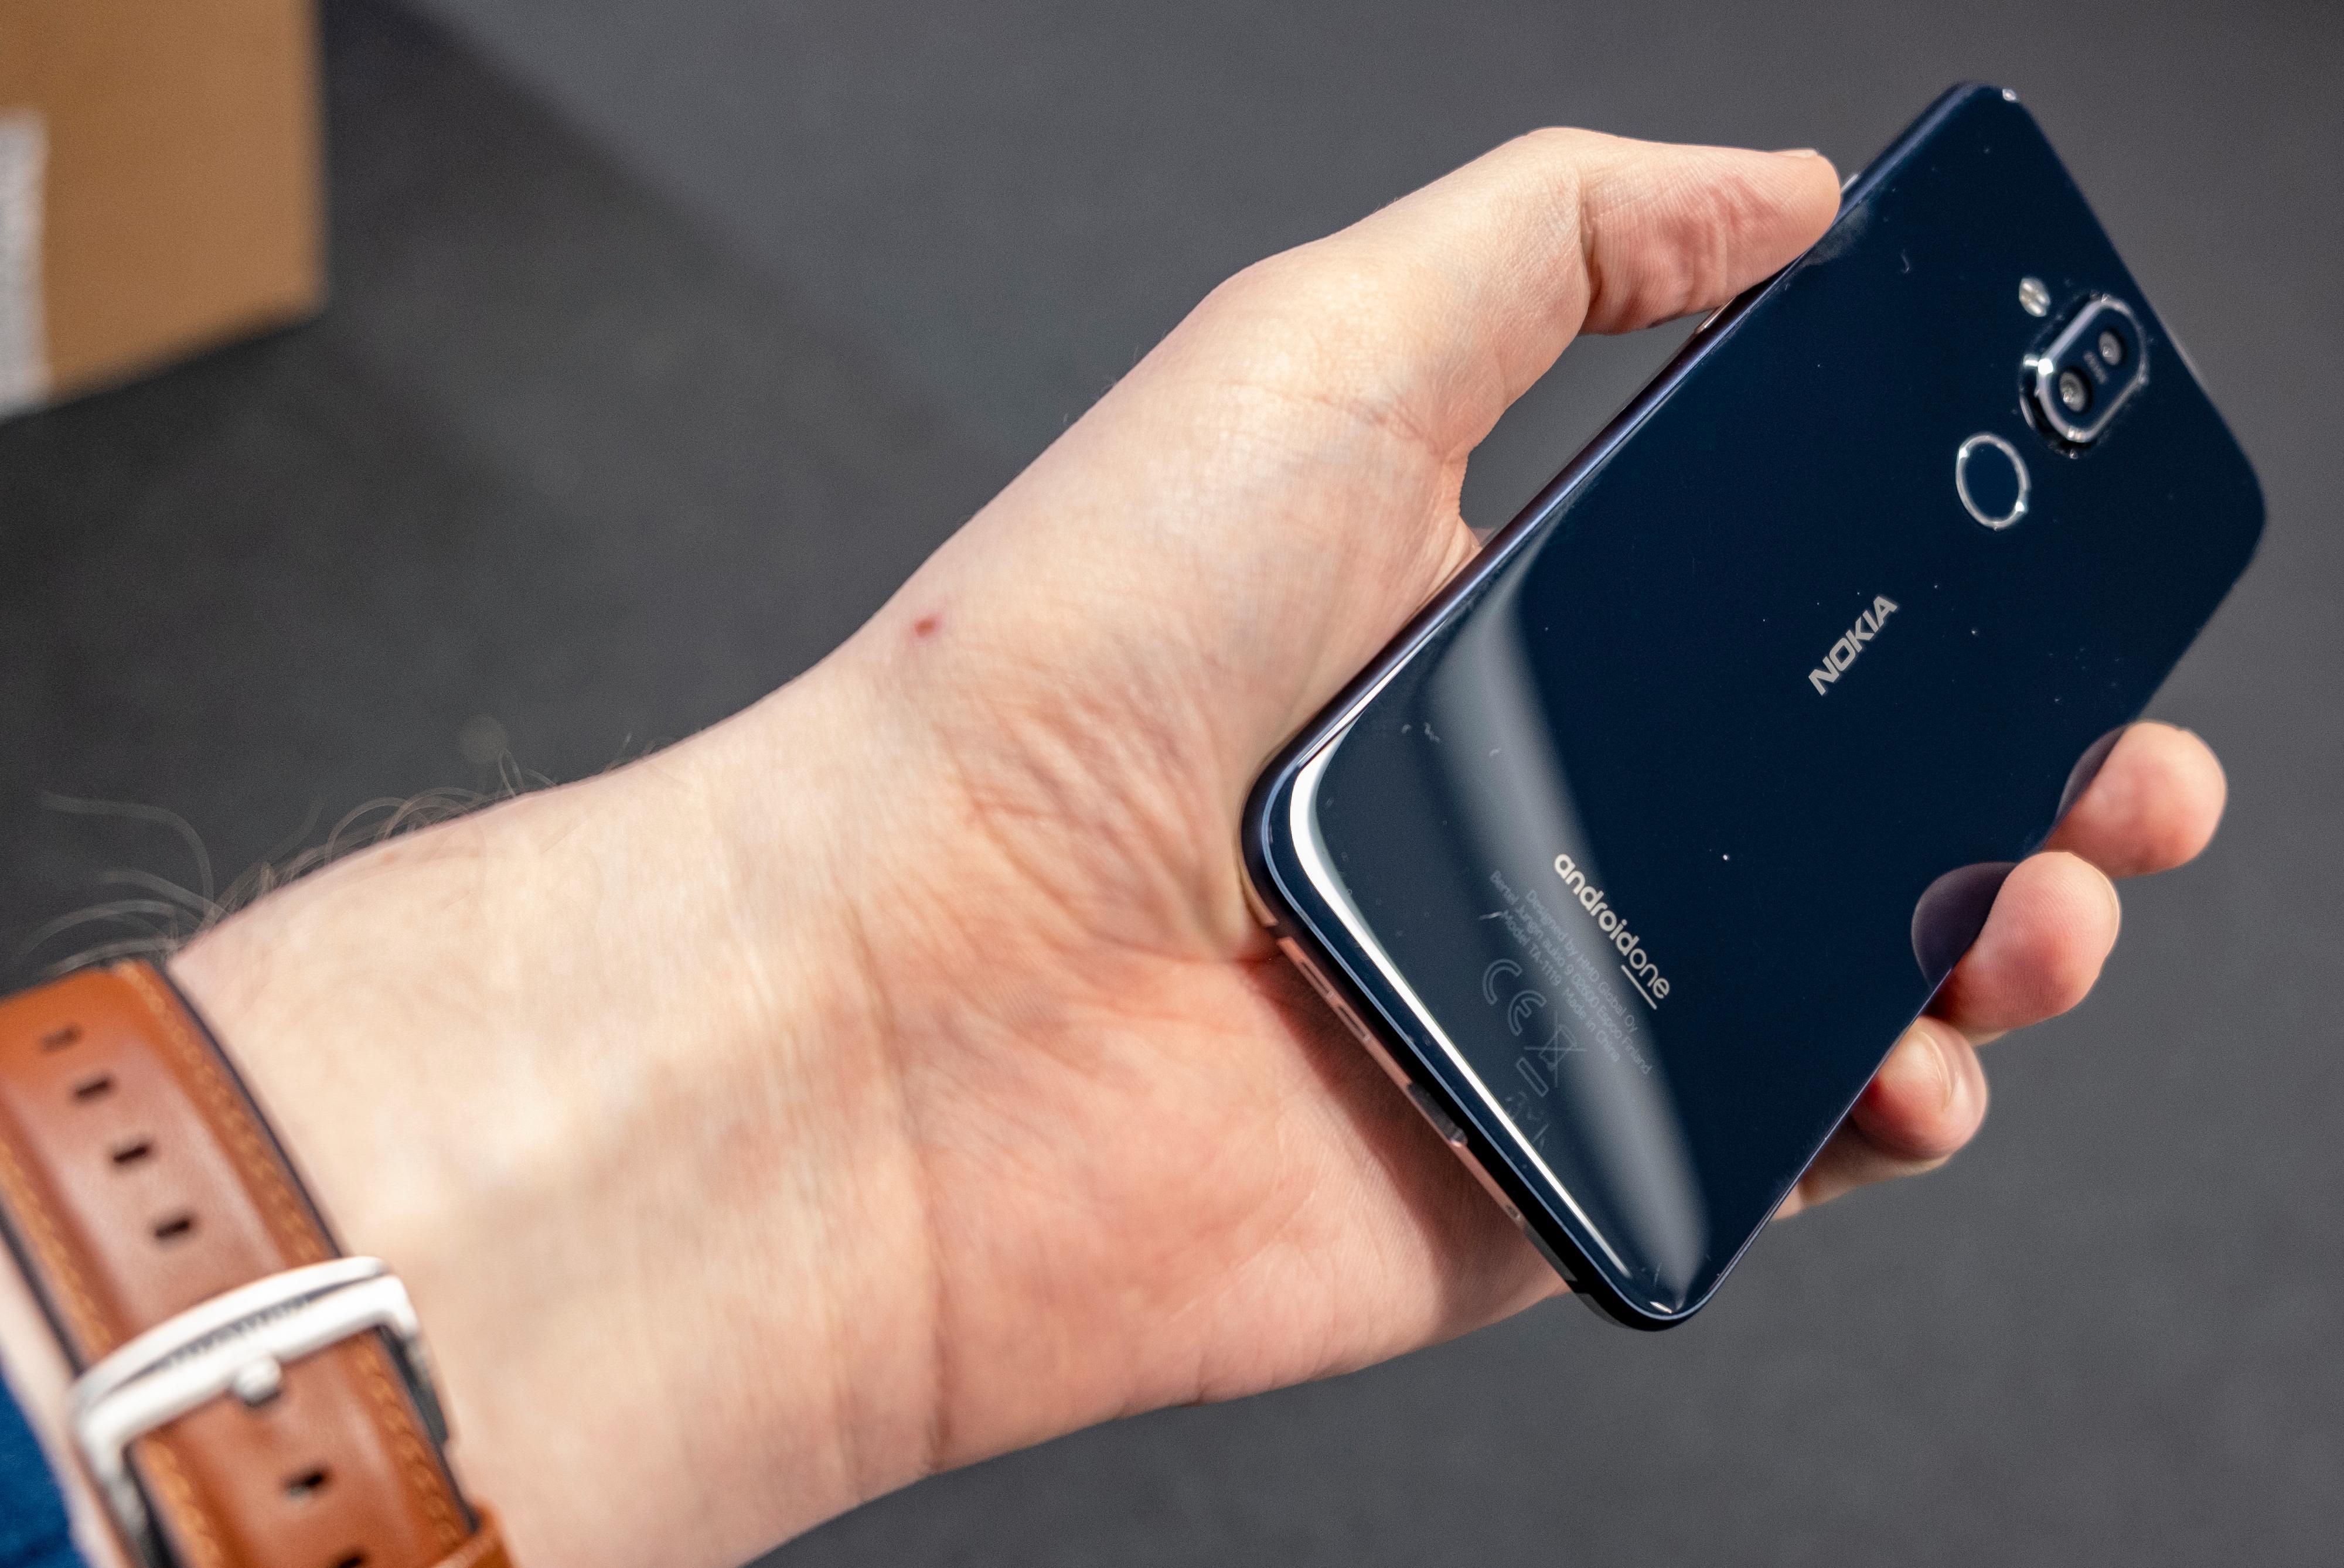 Den ser lekrere ut enn Nokia 7 Plus, men den er også lettere å smusse til og mye mer knuselig enn sin forgjenger.